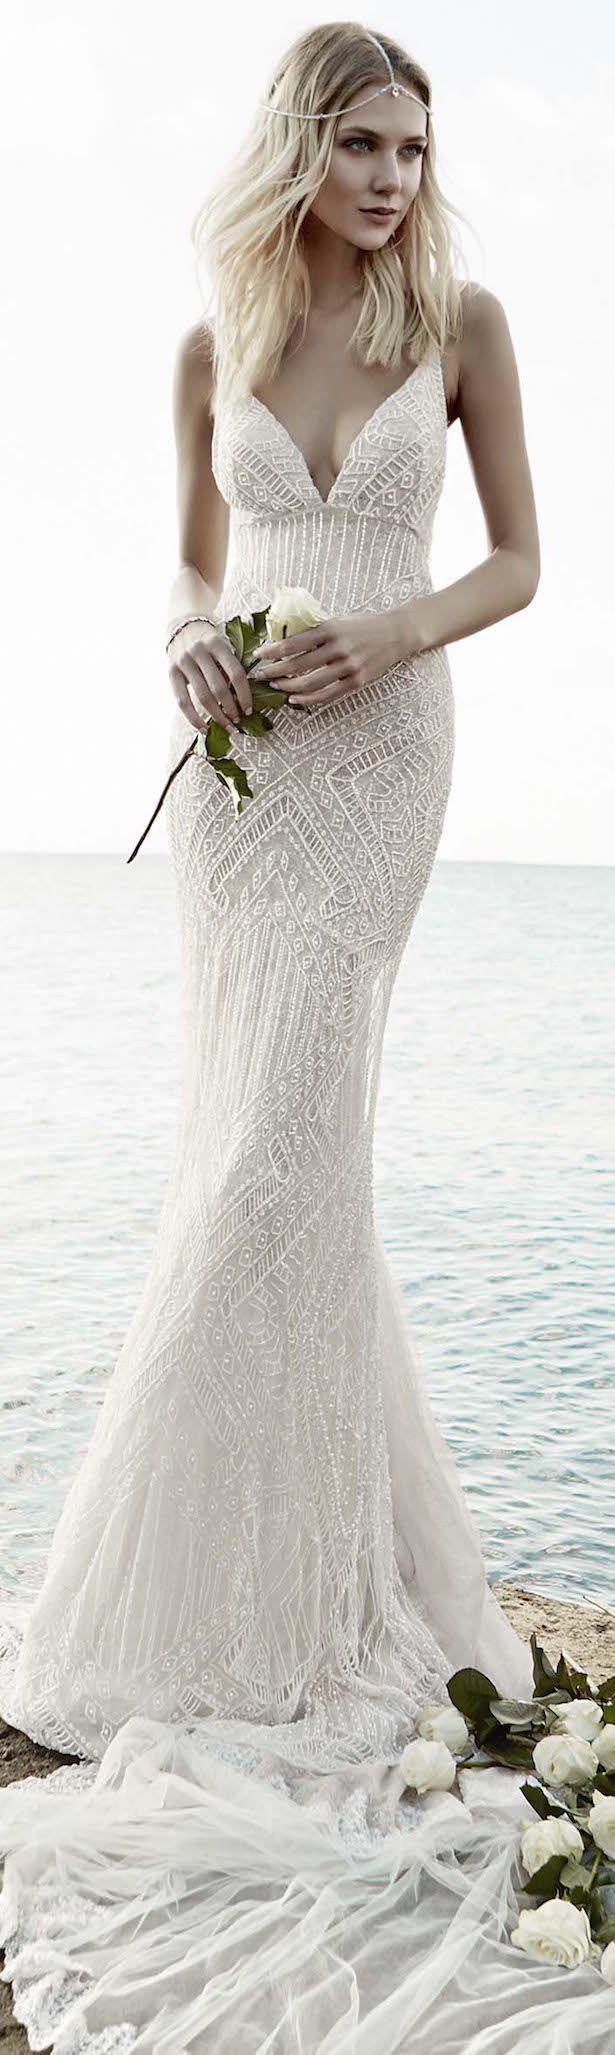 Best 20 Beach wedding dresses ideas on Pinterest Barefoot